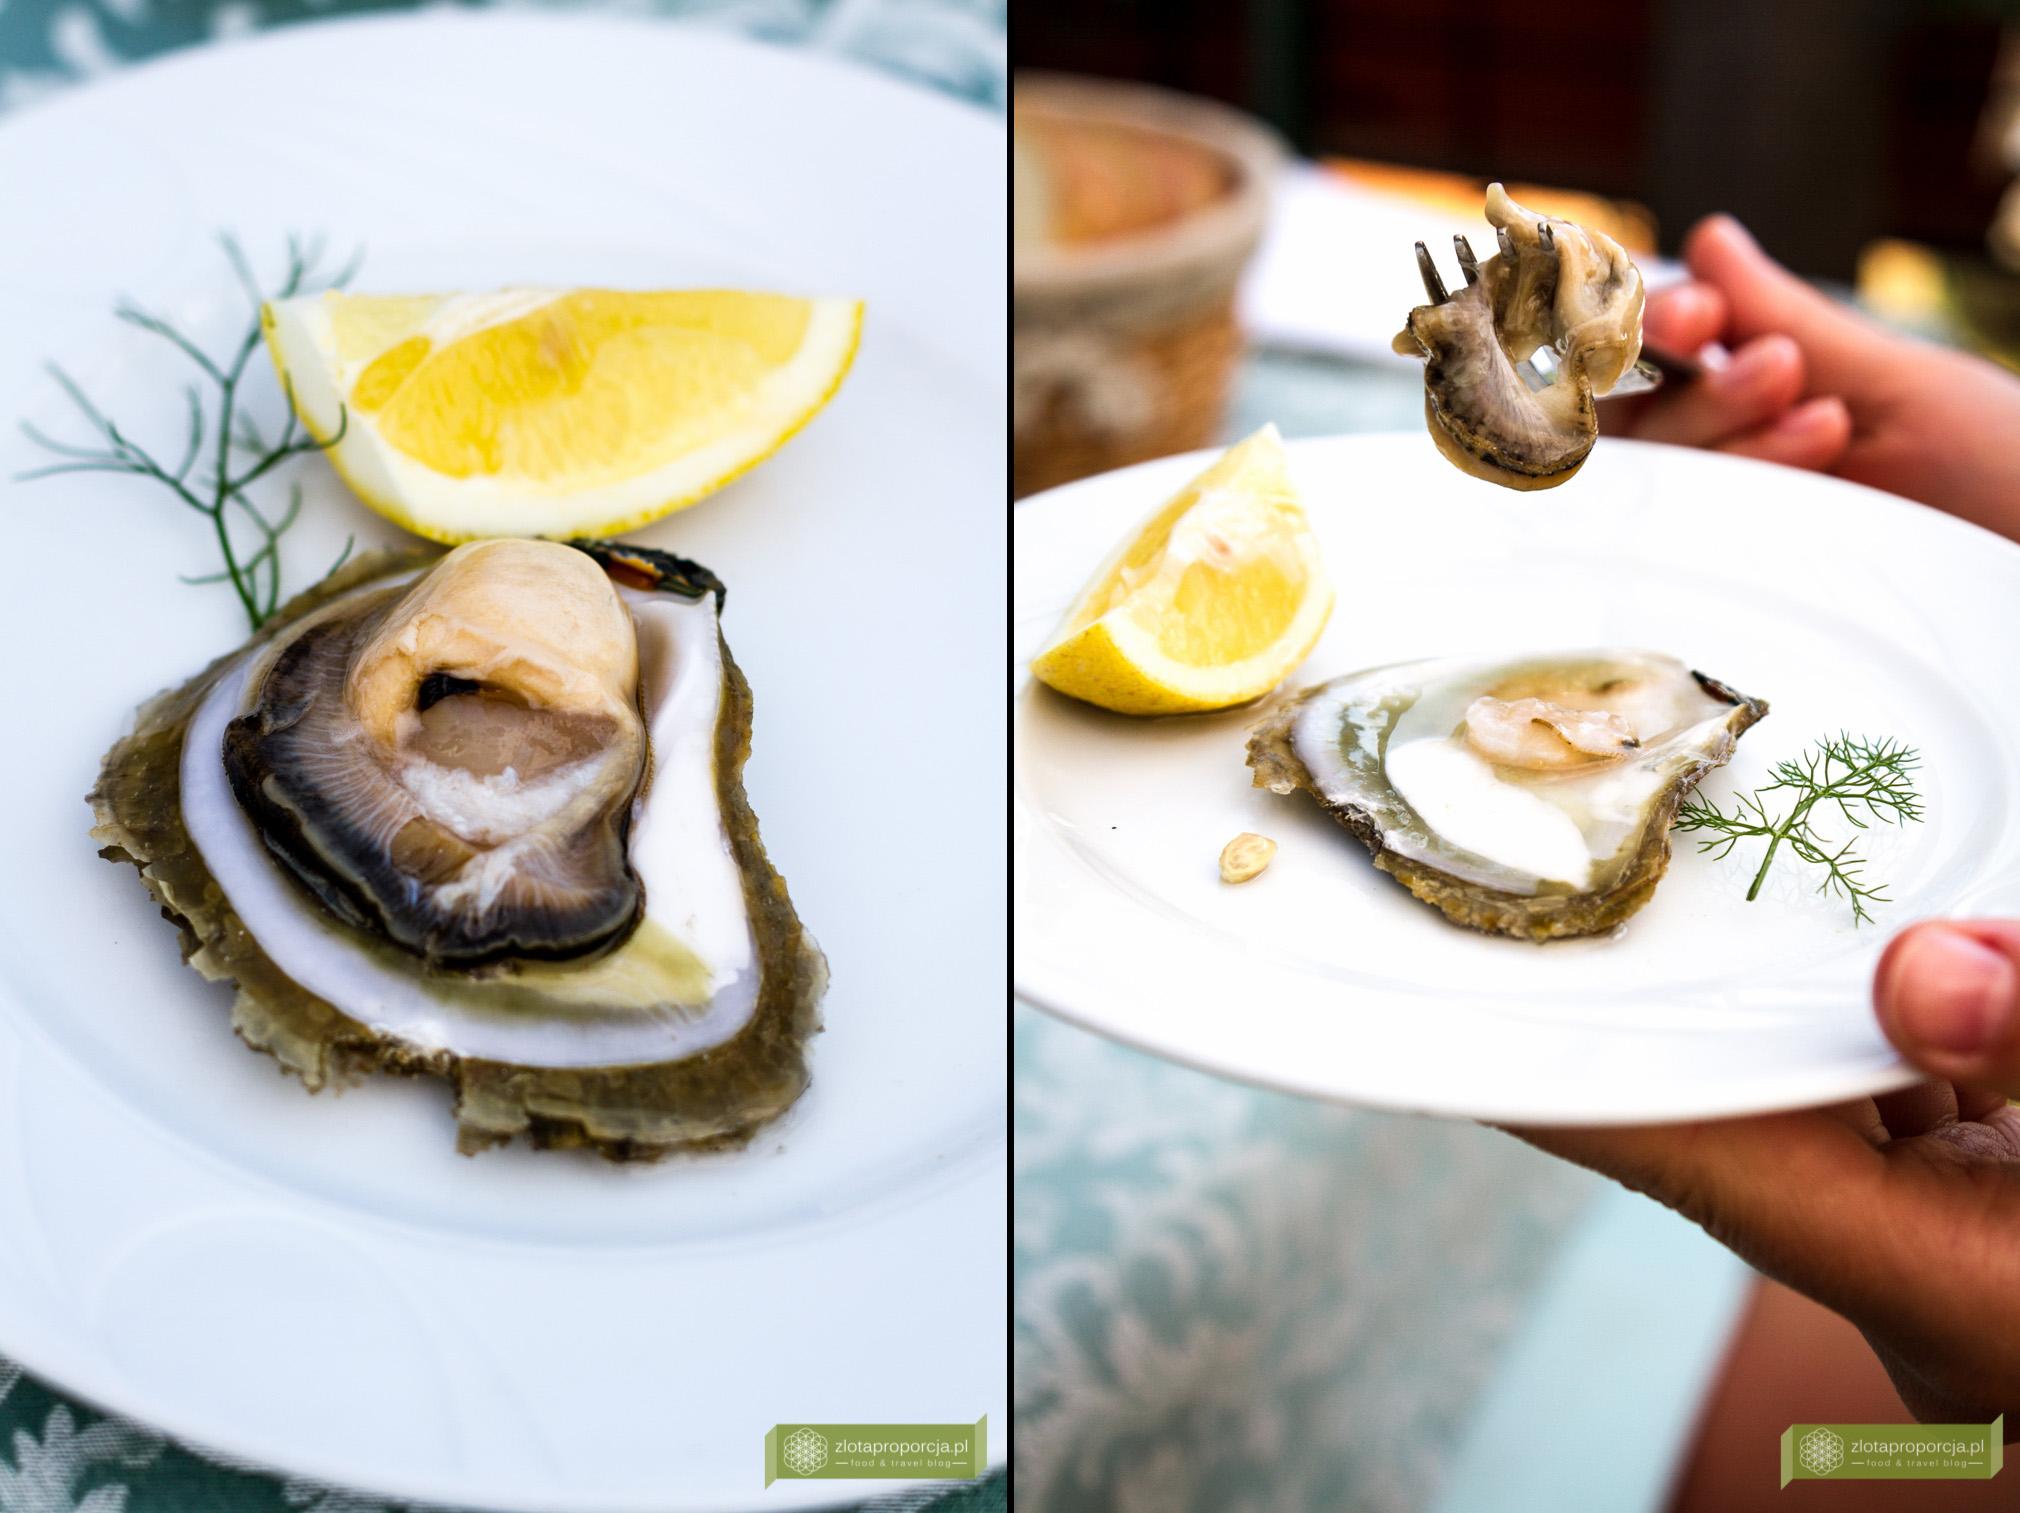 kuchnia chorwacka, kuchnia Istrii, Istria, co zjeść na Istrii, ostrygi, kanał Limski,